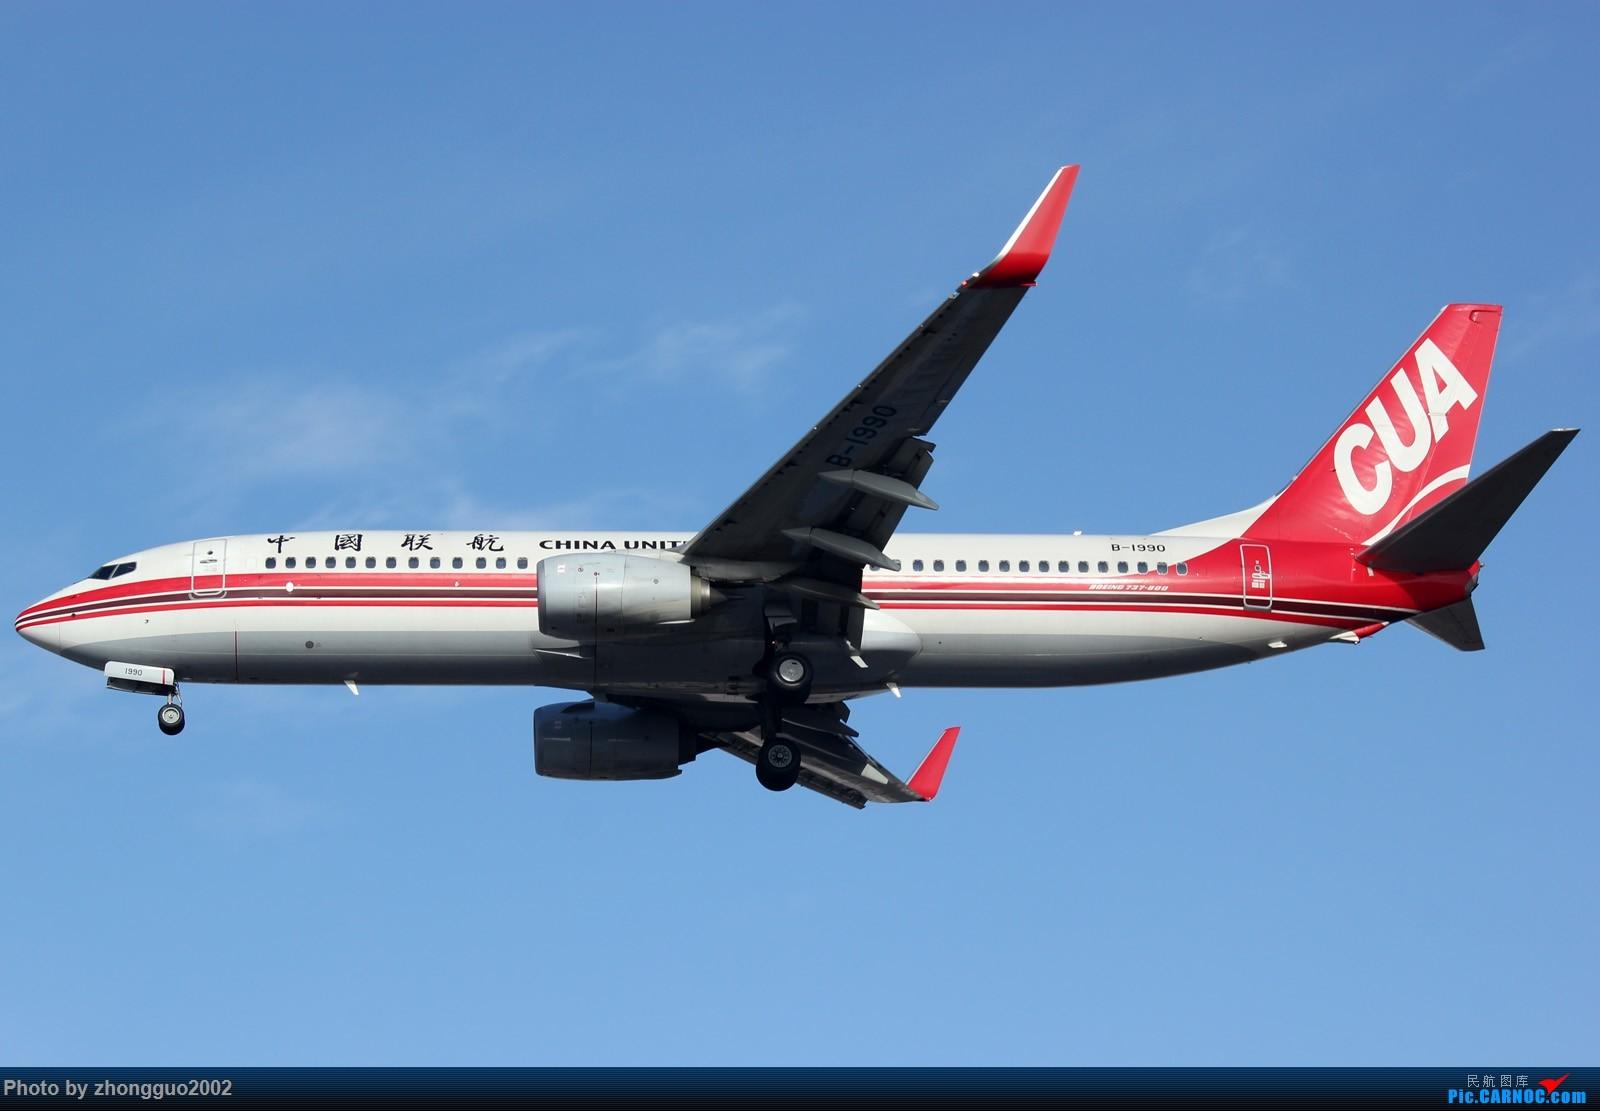 Re:[原创]【BLDDQ--深圳打机队】发小飞机盖楼贴,凡跟帖1字开头大陆民航飞机图的,每图五架小飞机不重复 BOEING 737-800 B-1990 中国呼和浩特白塔国际机场